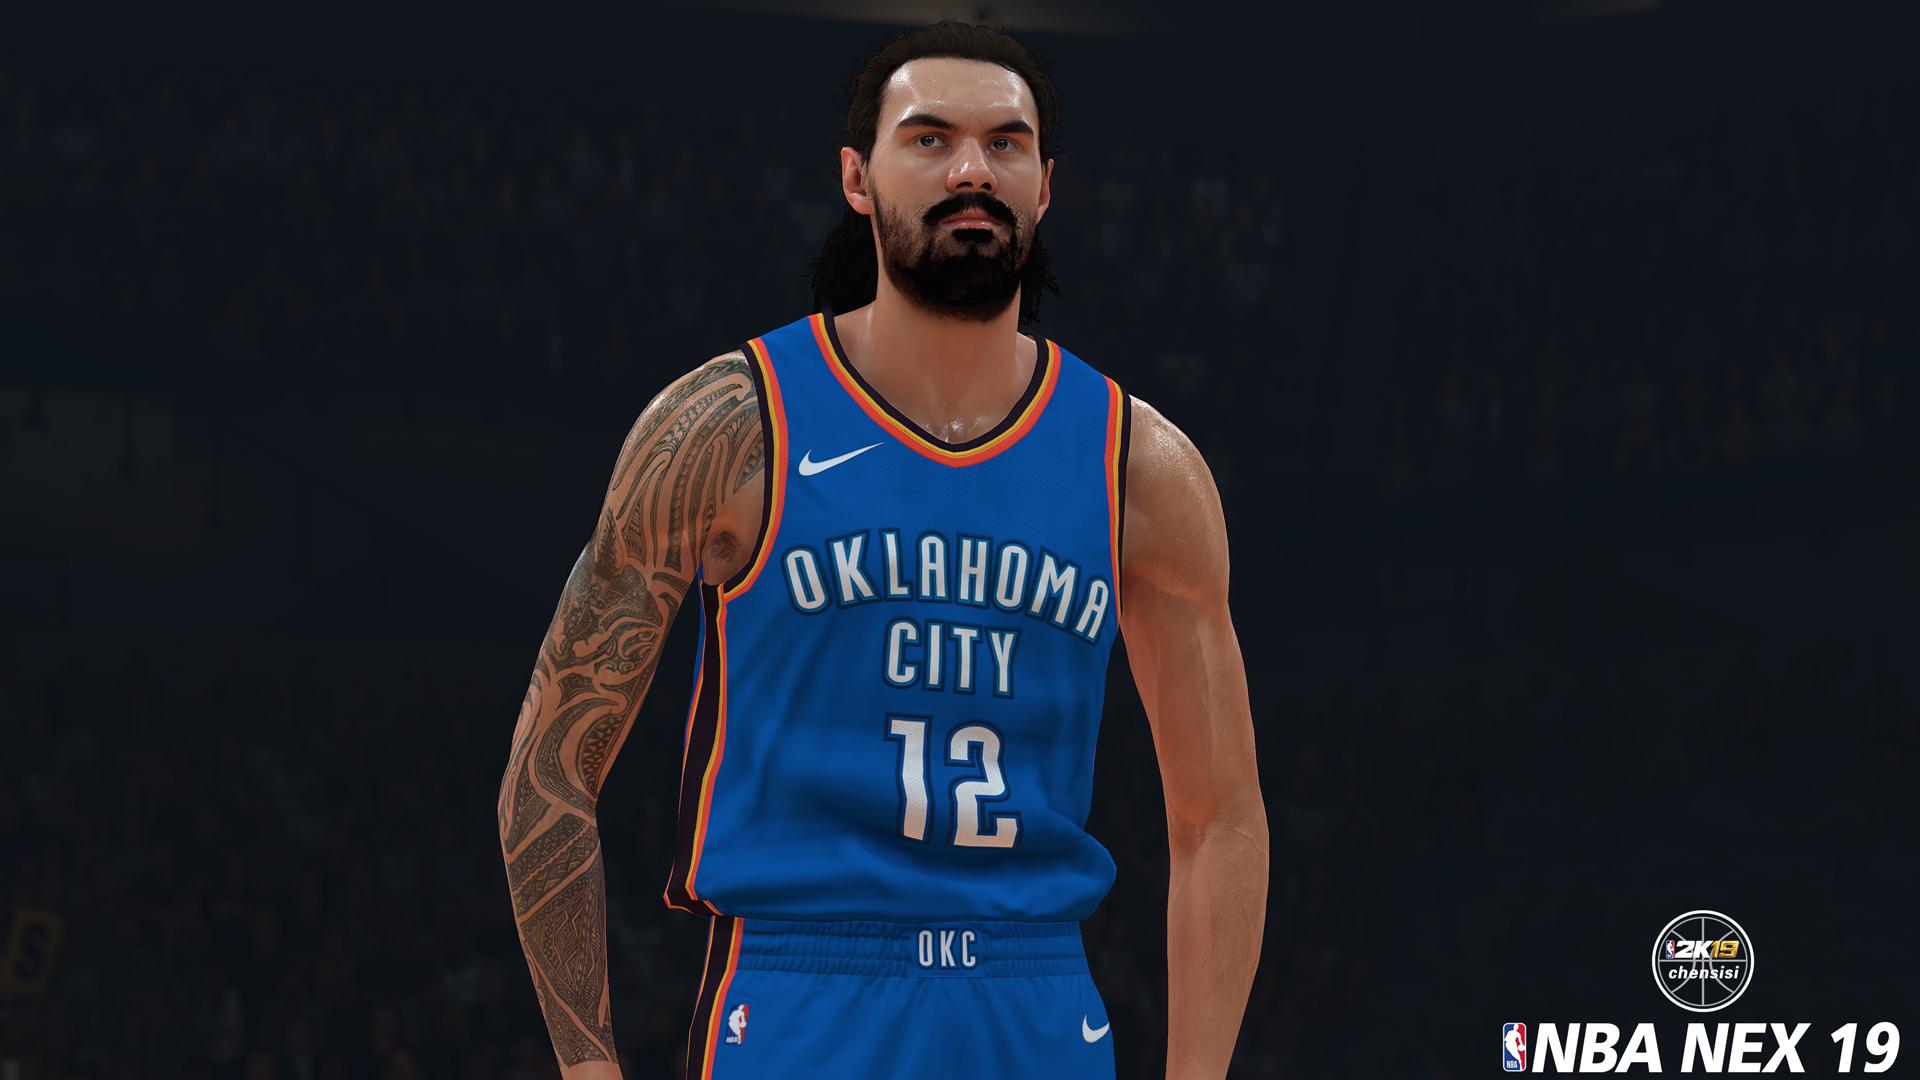 NBA2K19-2018-09-13-12-23-14.jpg